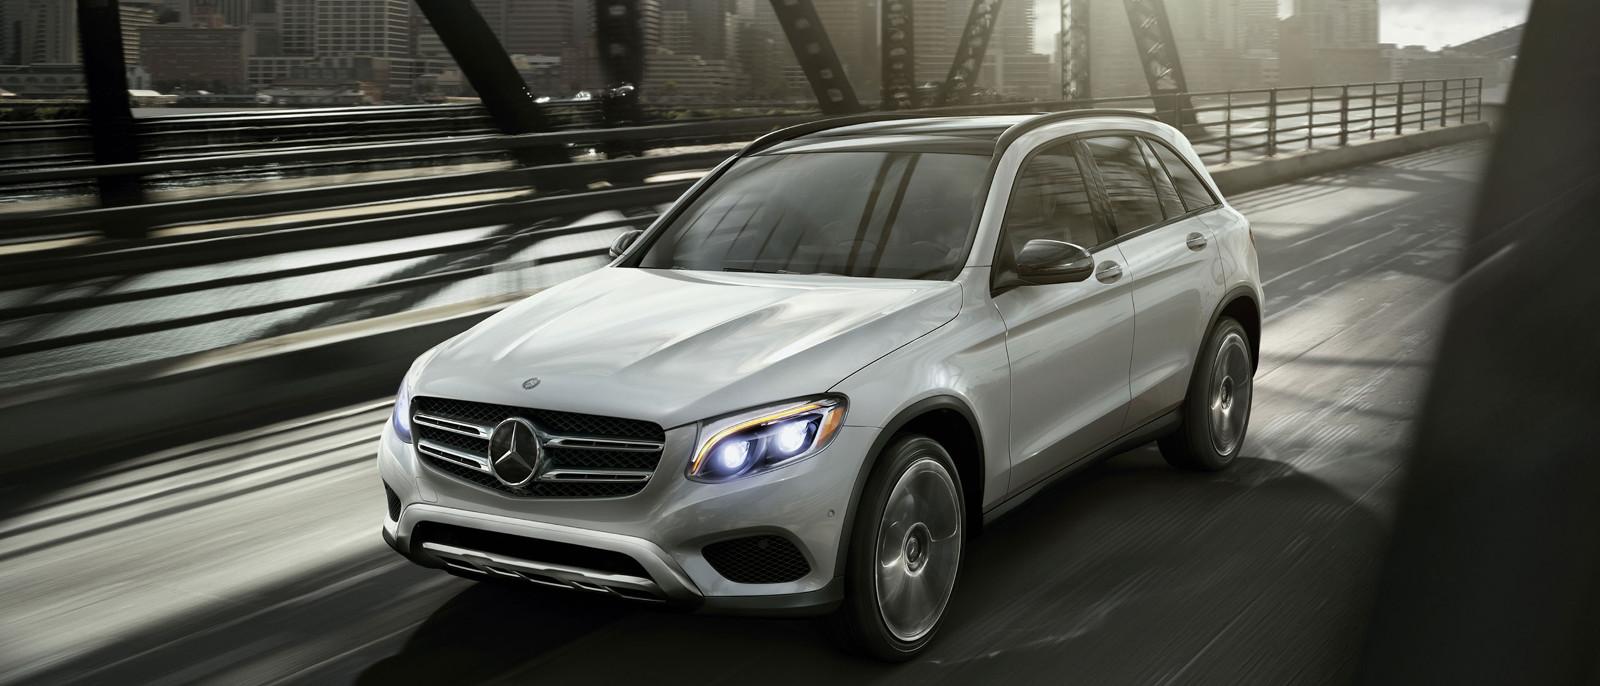 Le glc 300 2016 de mercedes benz un vus vraiment fonctionnel for Mercedes benz silver star